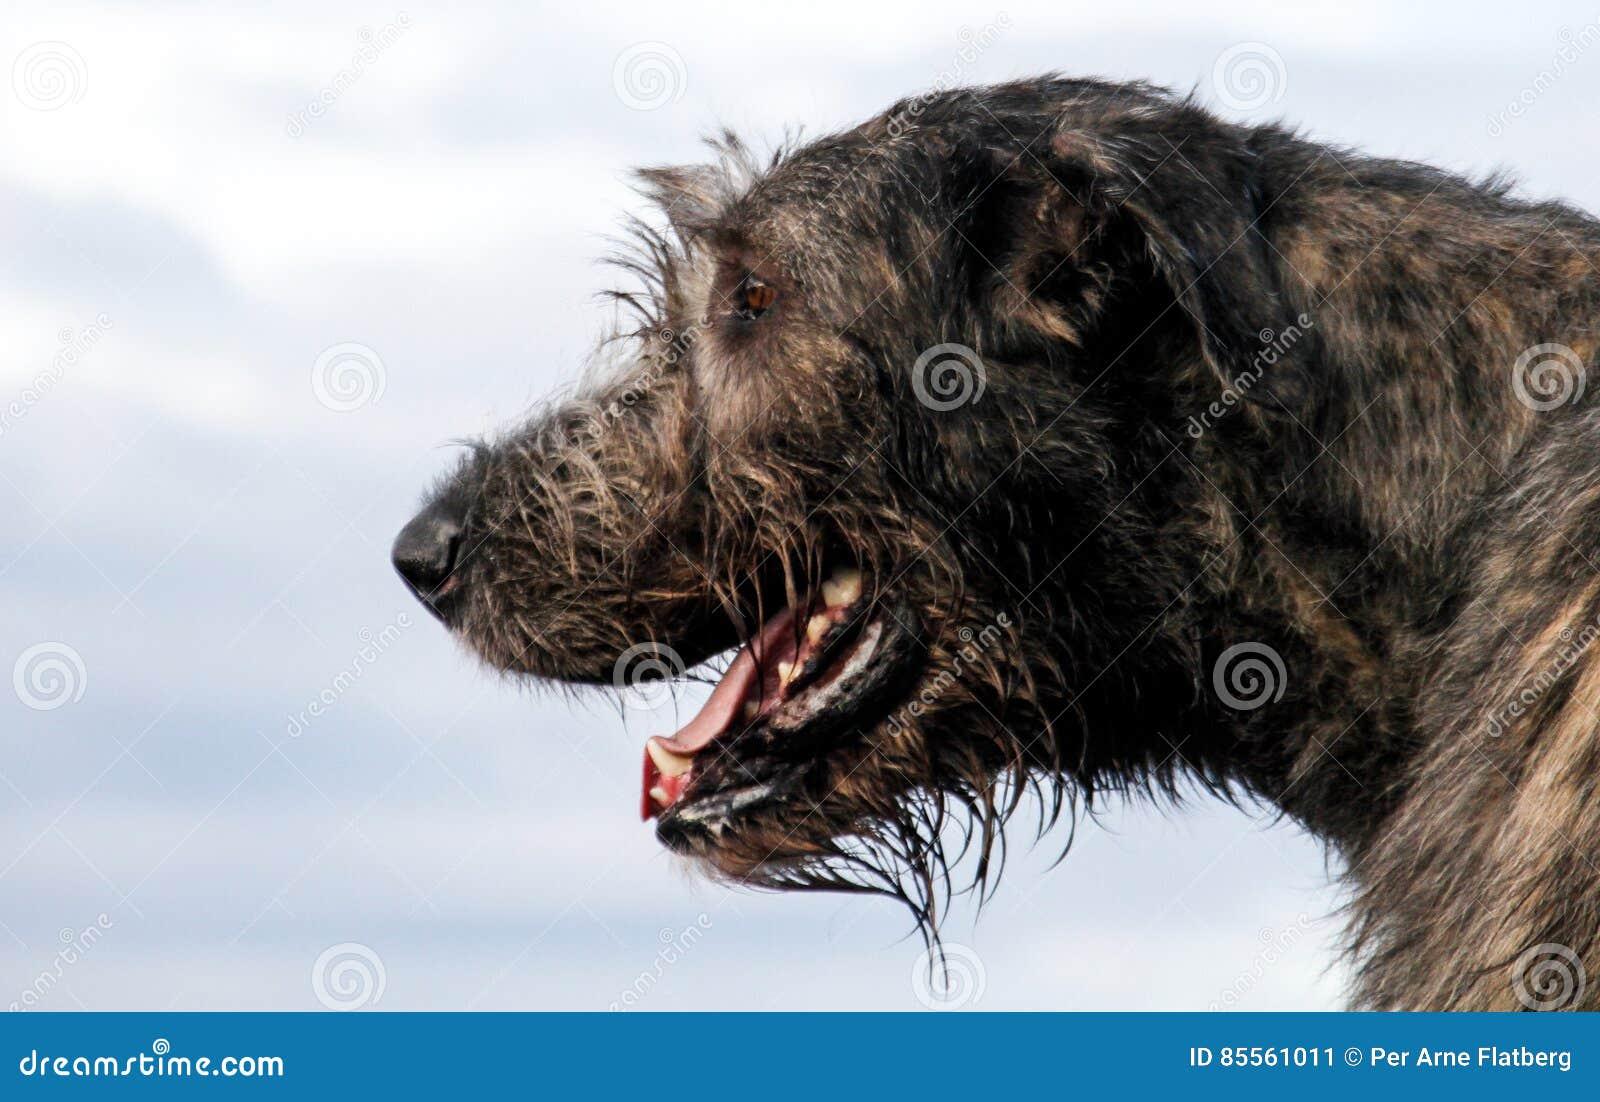 Kopf des irischen Wolfshunds